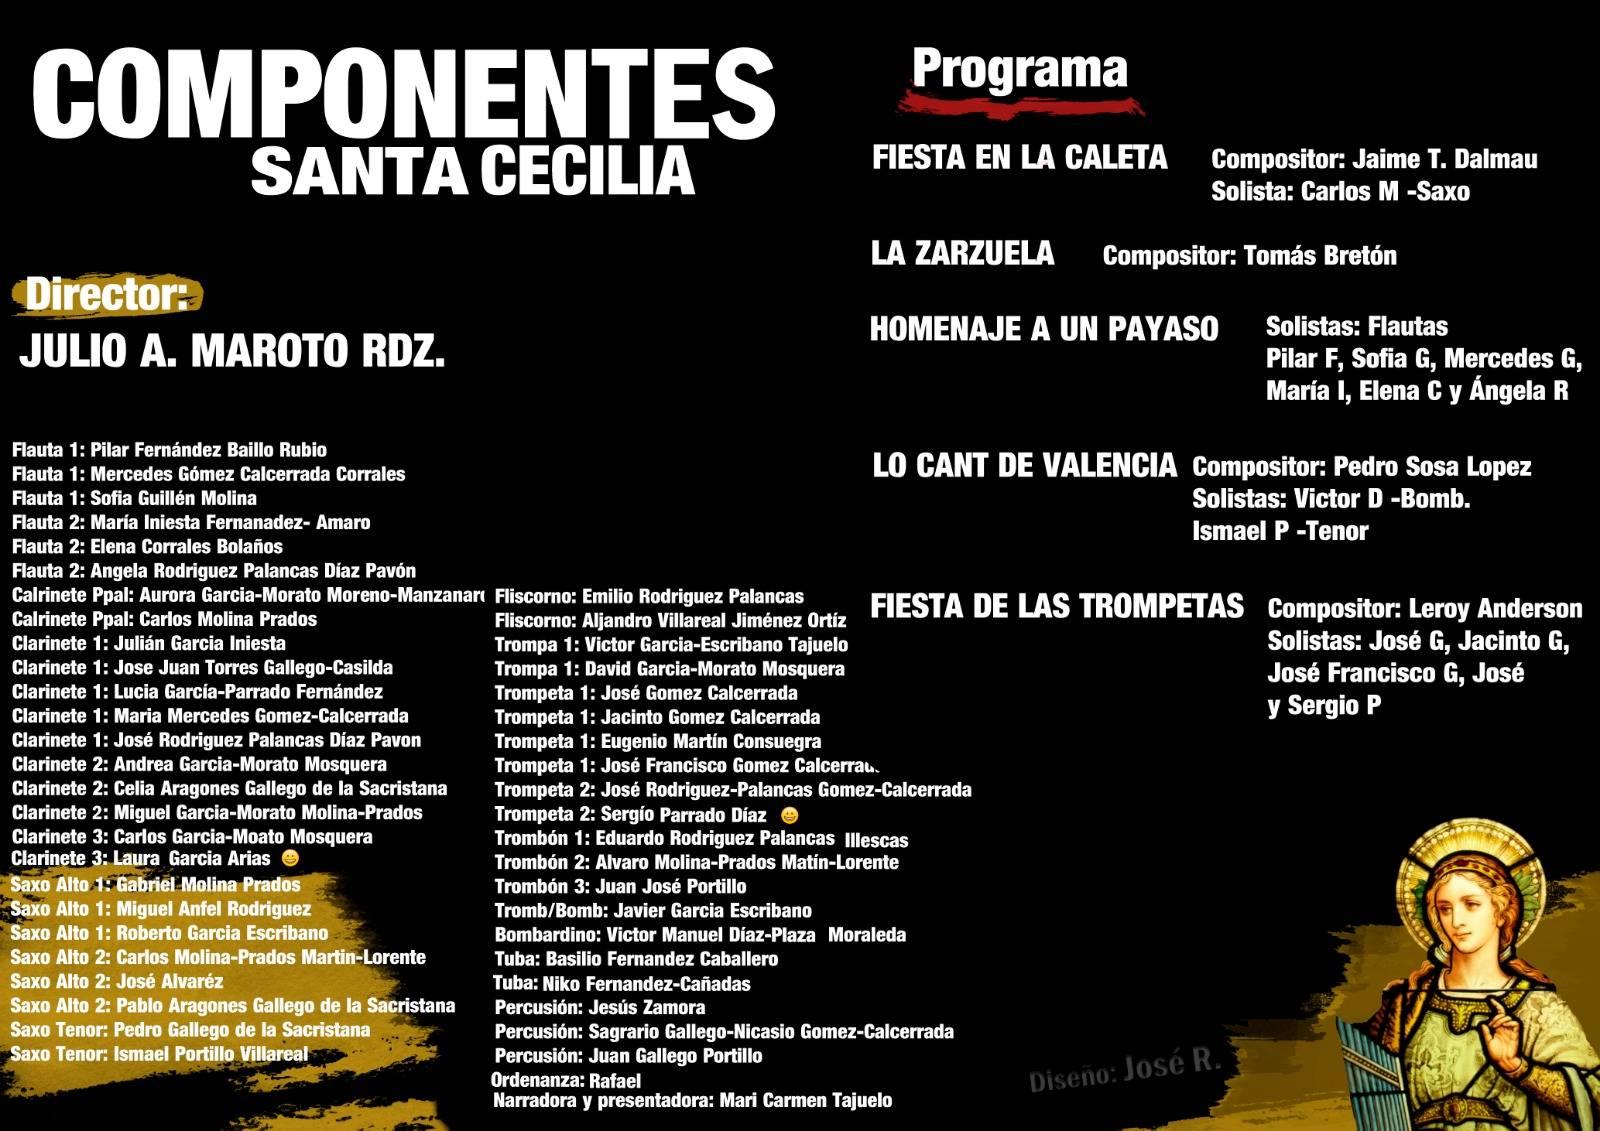 Componentes de la agrupación musical santa cecilia de Herencia - Concierto y actos en honor a Santa Cecilia